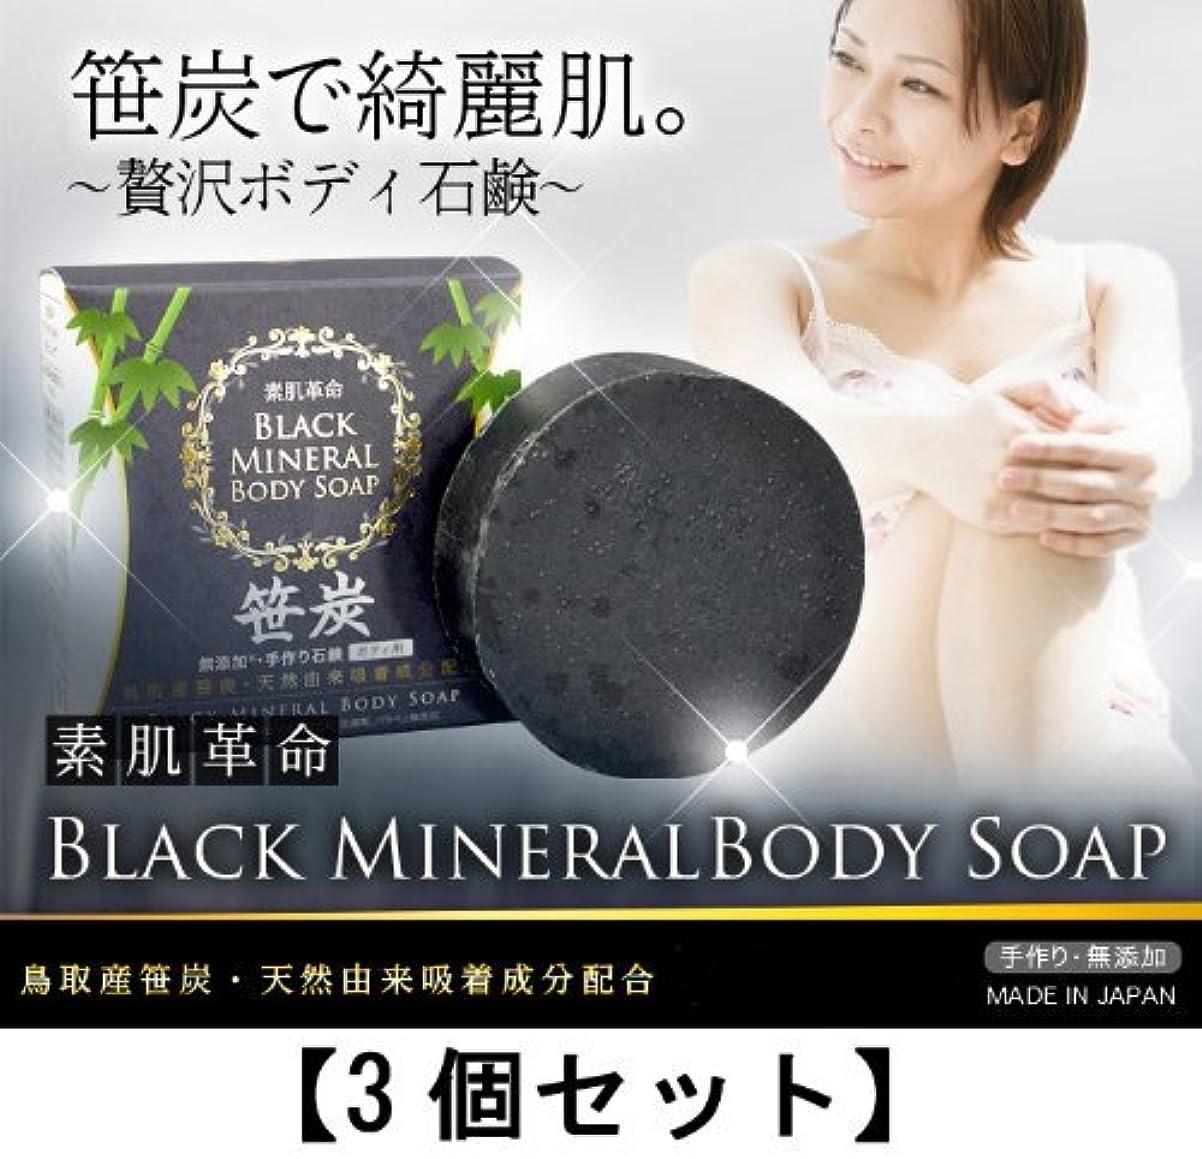 素肌革命ブラックミネラルボディソープ 3個セット(天然笹炭配合無添加石鹸)